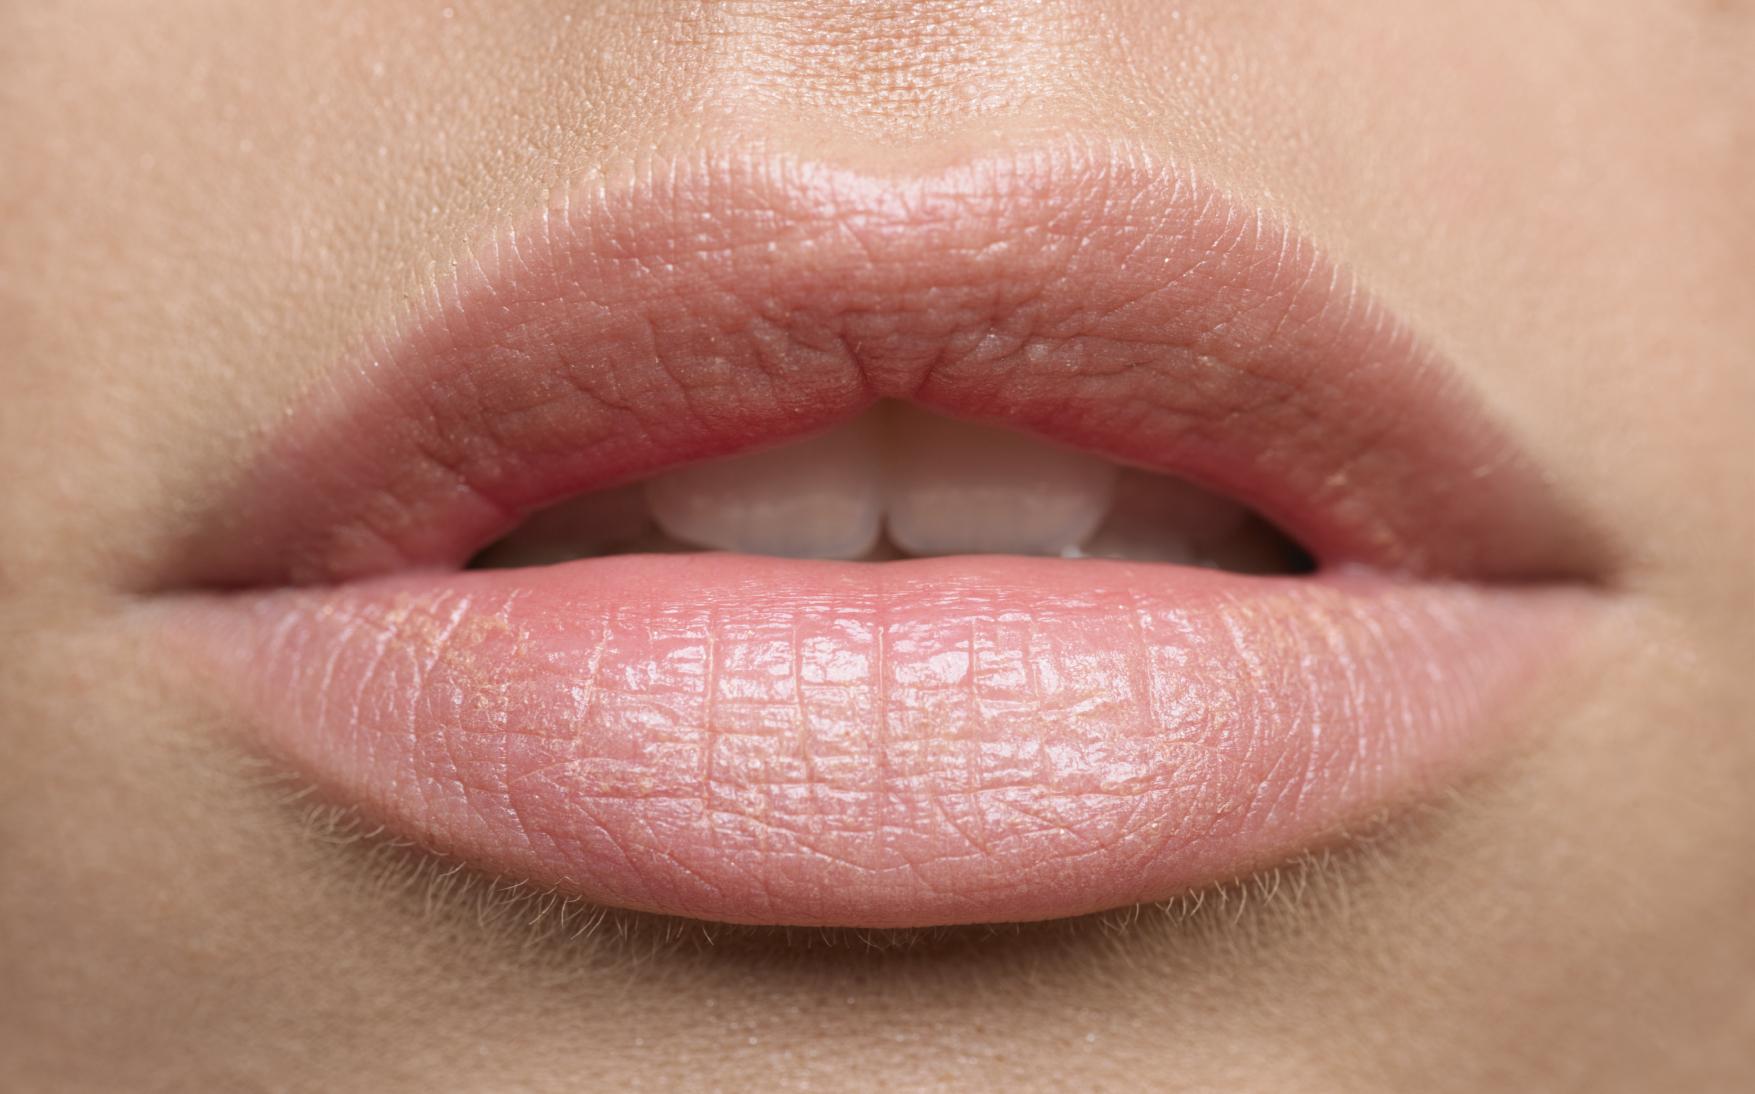 Как подготовиться к увеличению губ гиалуроновой кислотой?